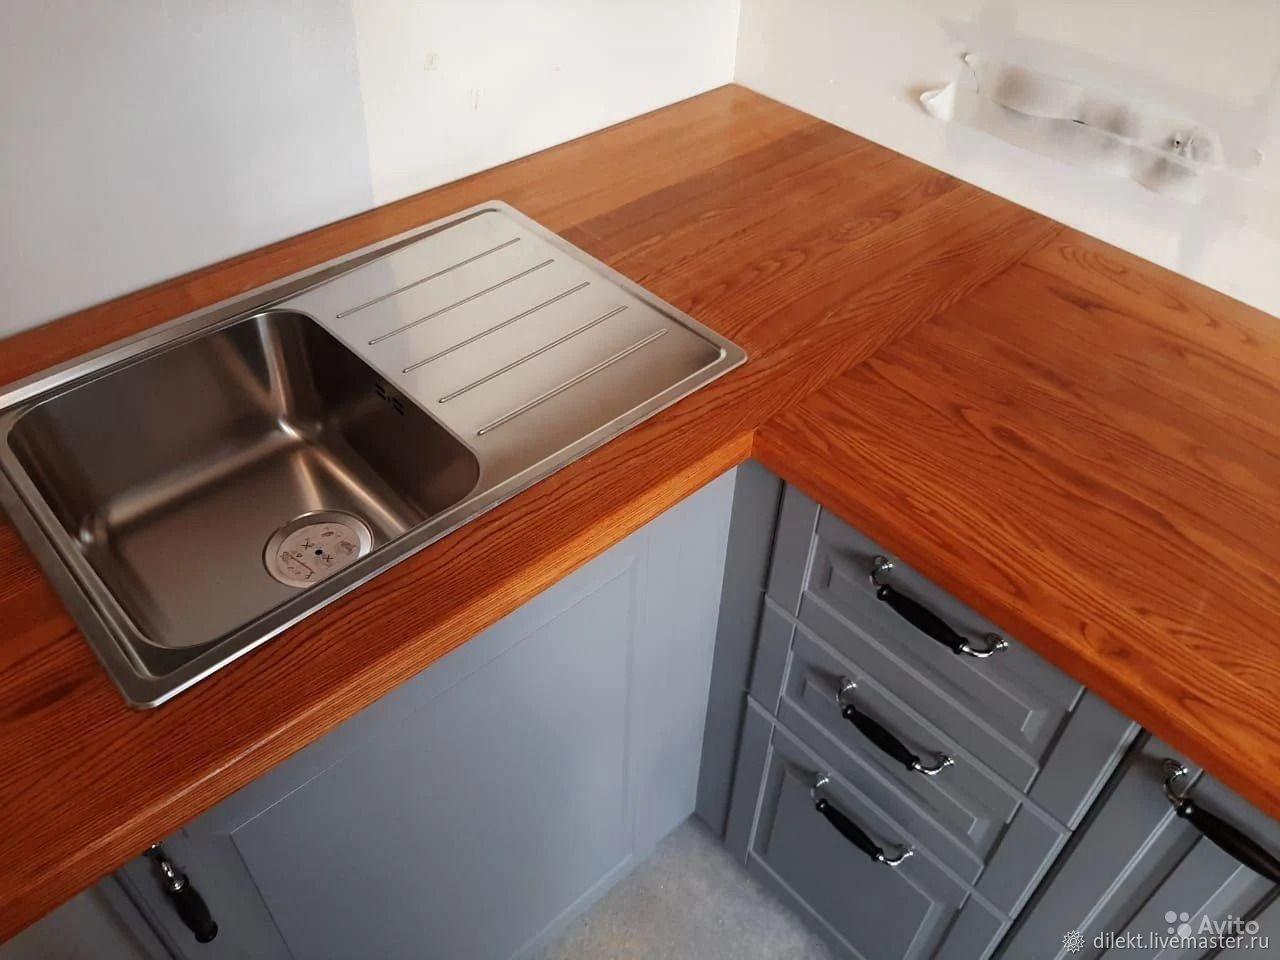 Деревянная кухонная столешница из массива ясеня, Кухни, Москва,  Фото №1